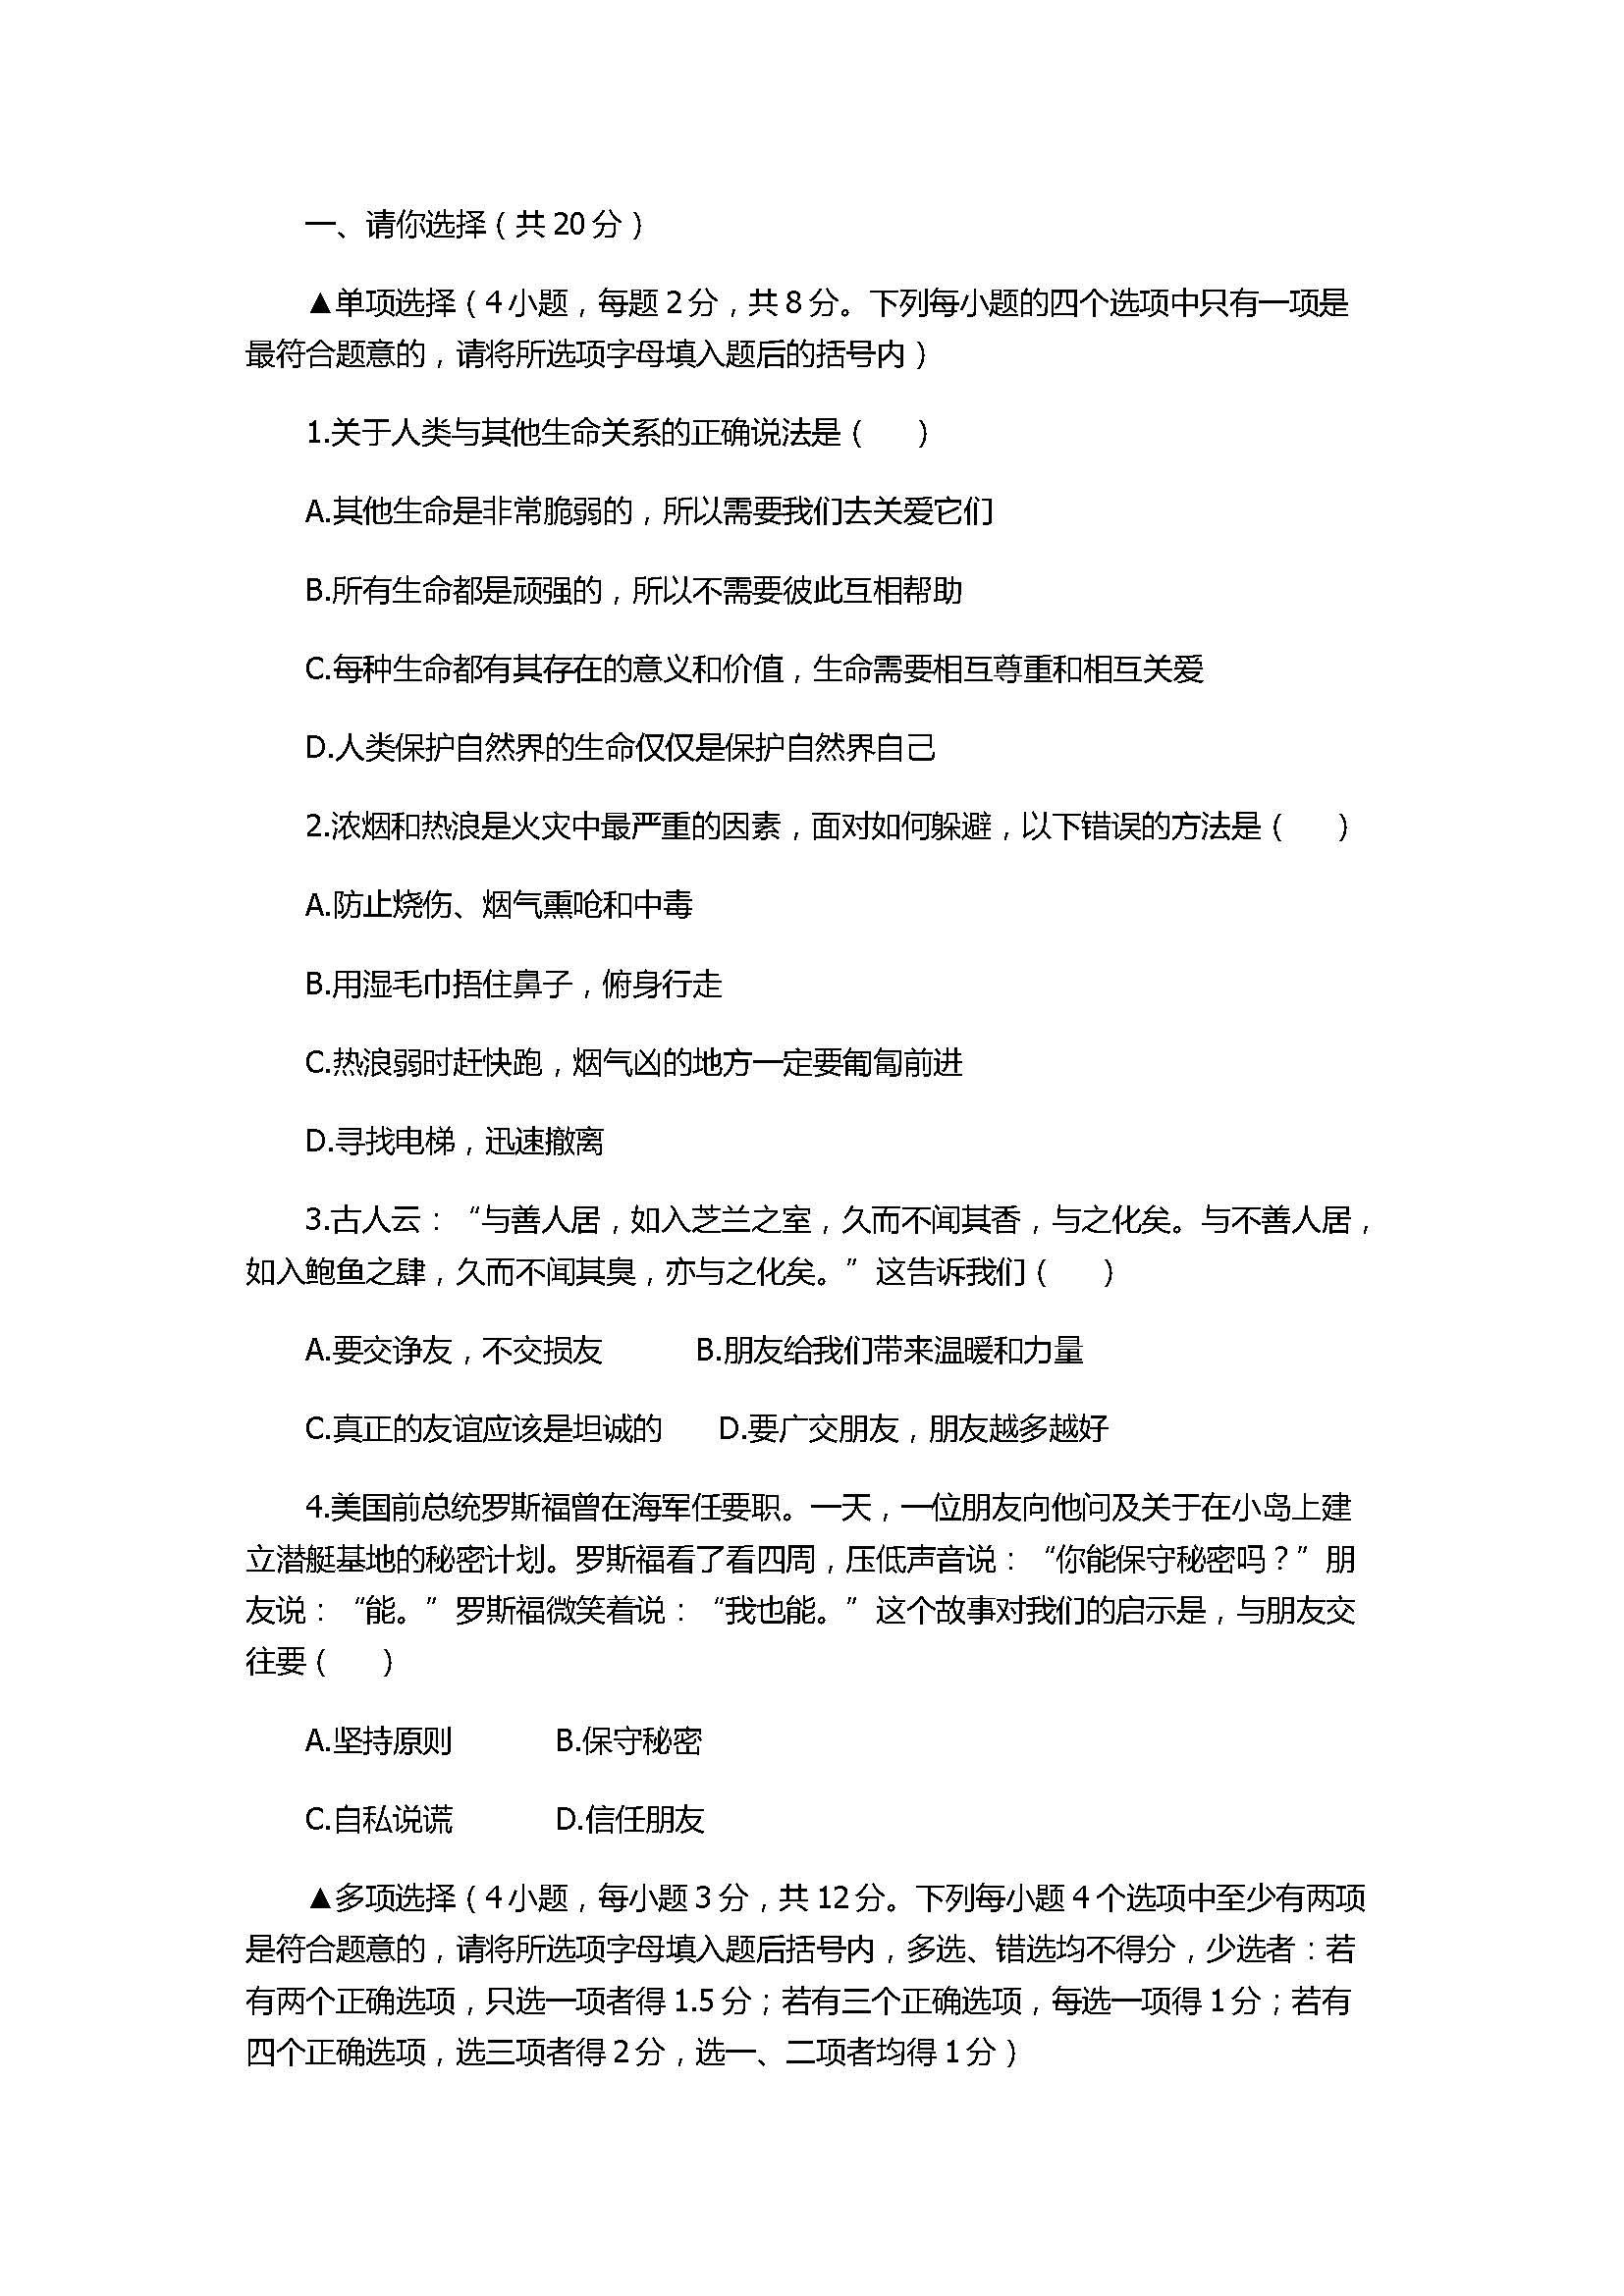 2017七年级道德与法治期末试题带参考答案(西华县)